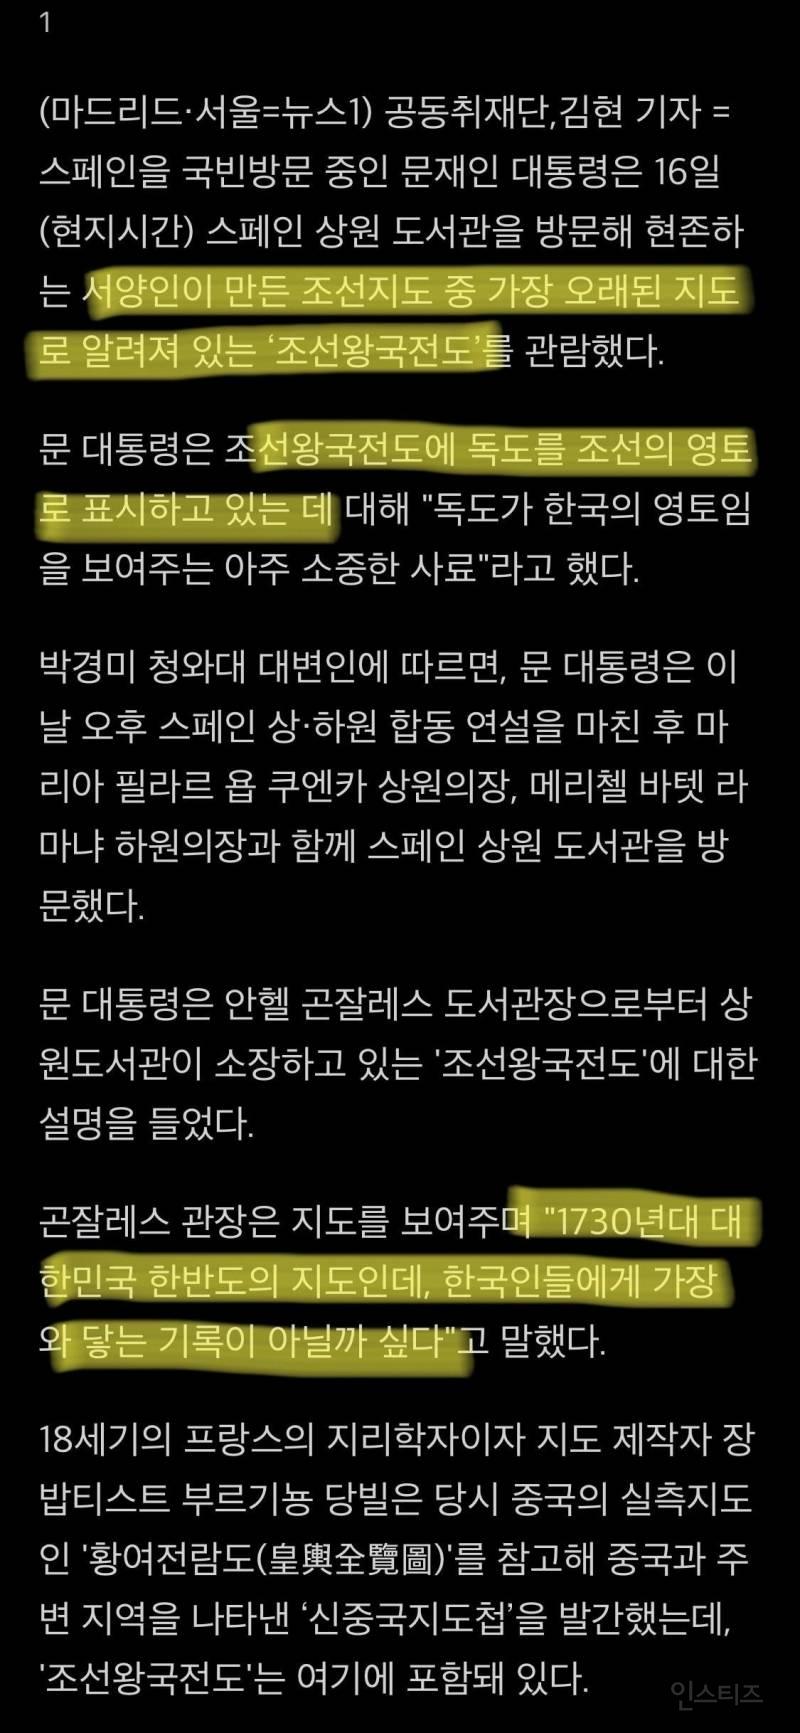 스페인, 독도 그려진 서양 최초 조선 지도공개! | 인스티즈